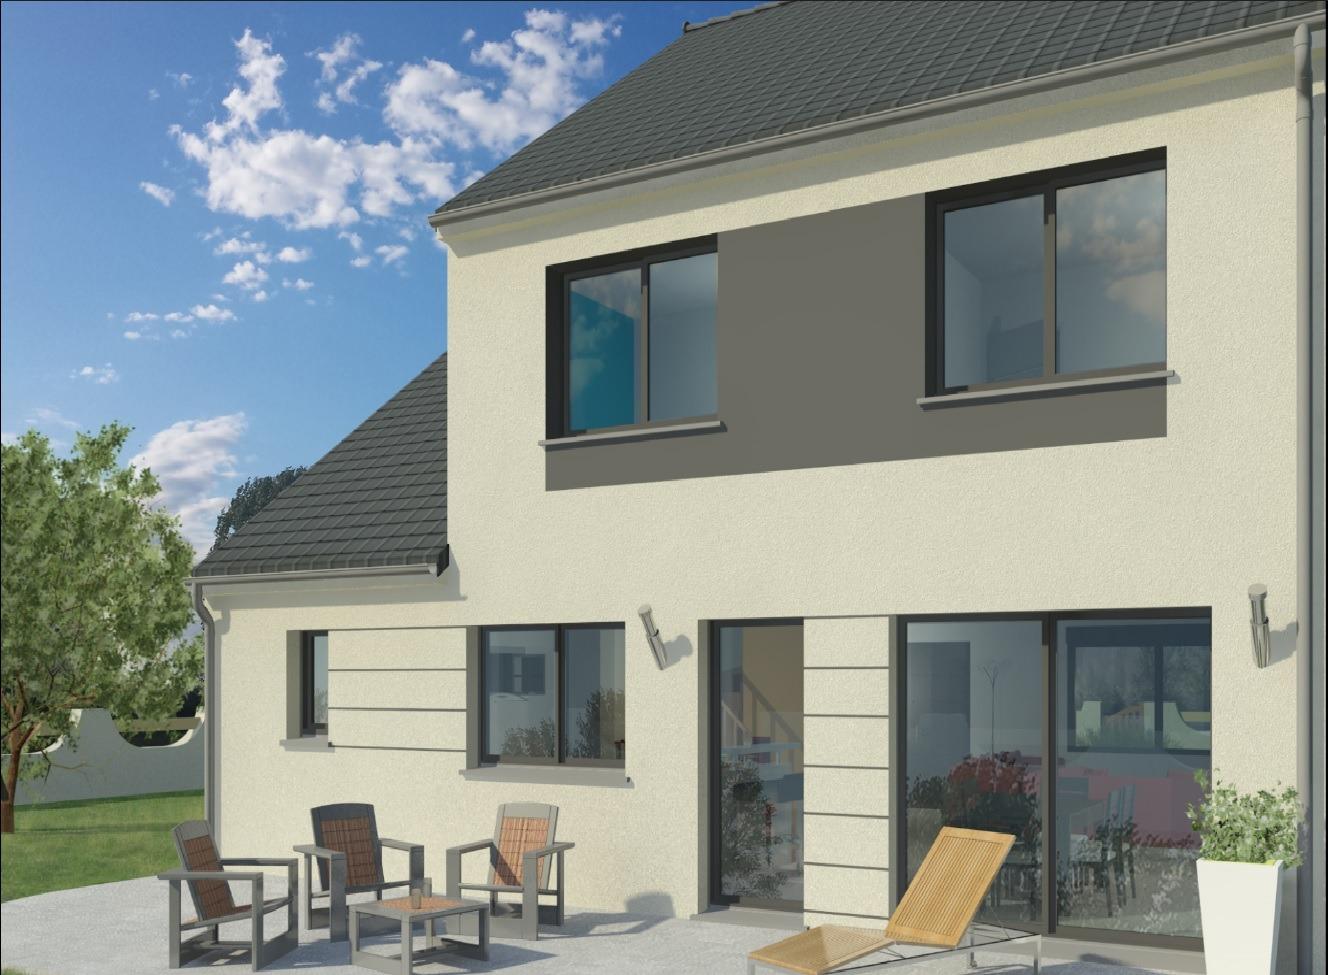 Maisons + Terrains du constructeur MAISONS PHENIX • 106 m² • SEICHAMPS